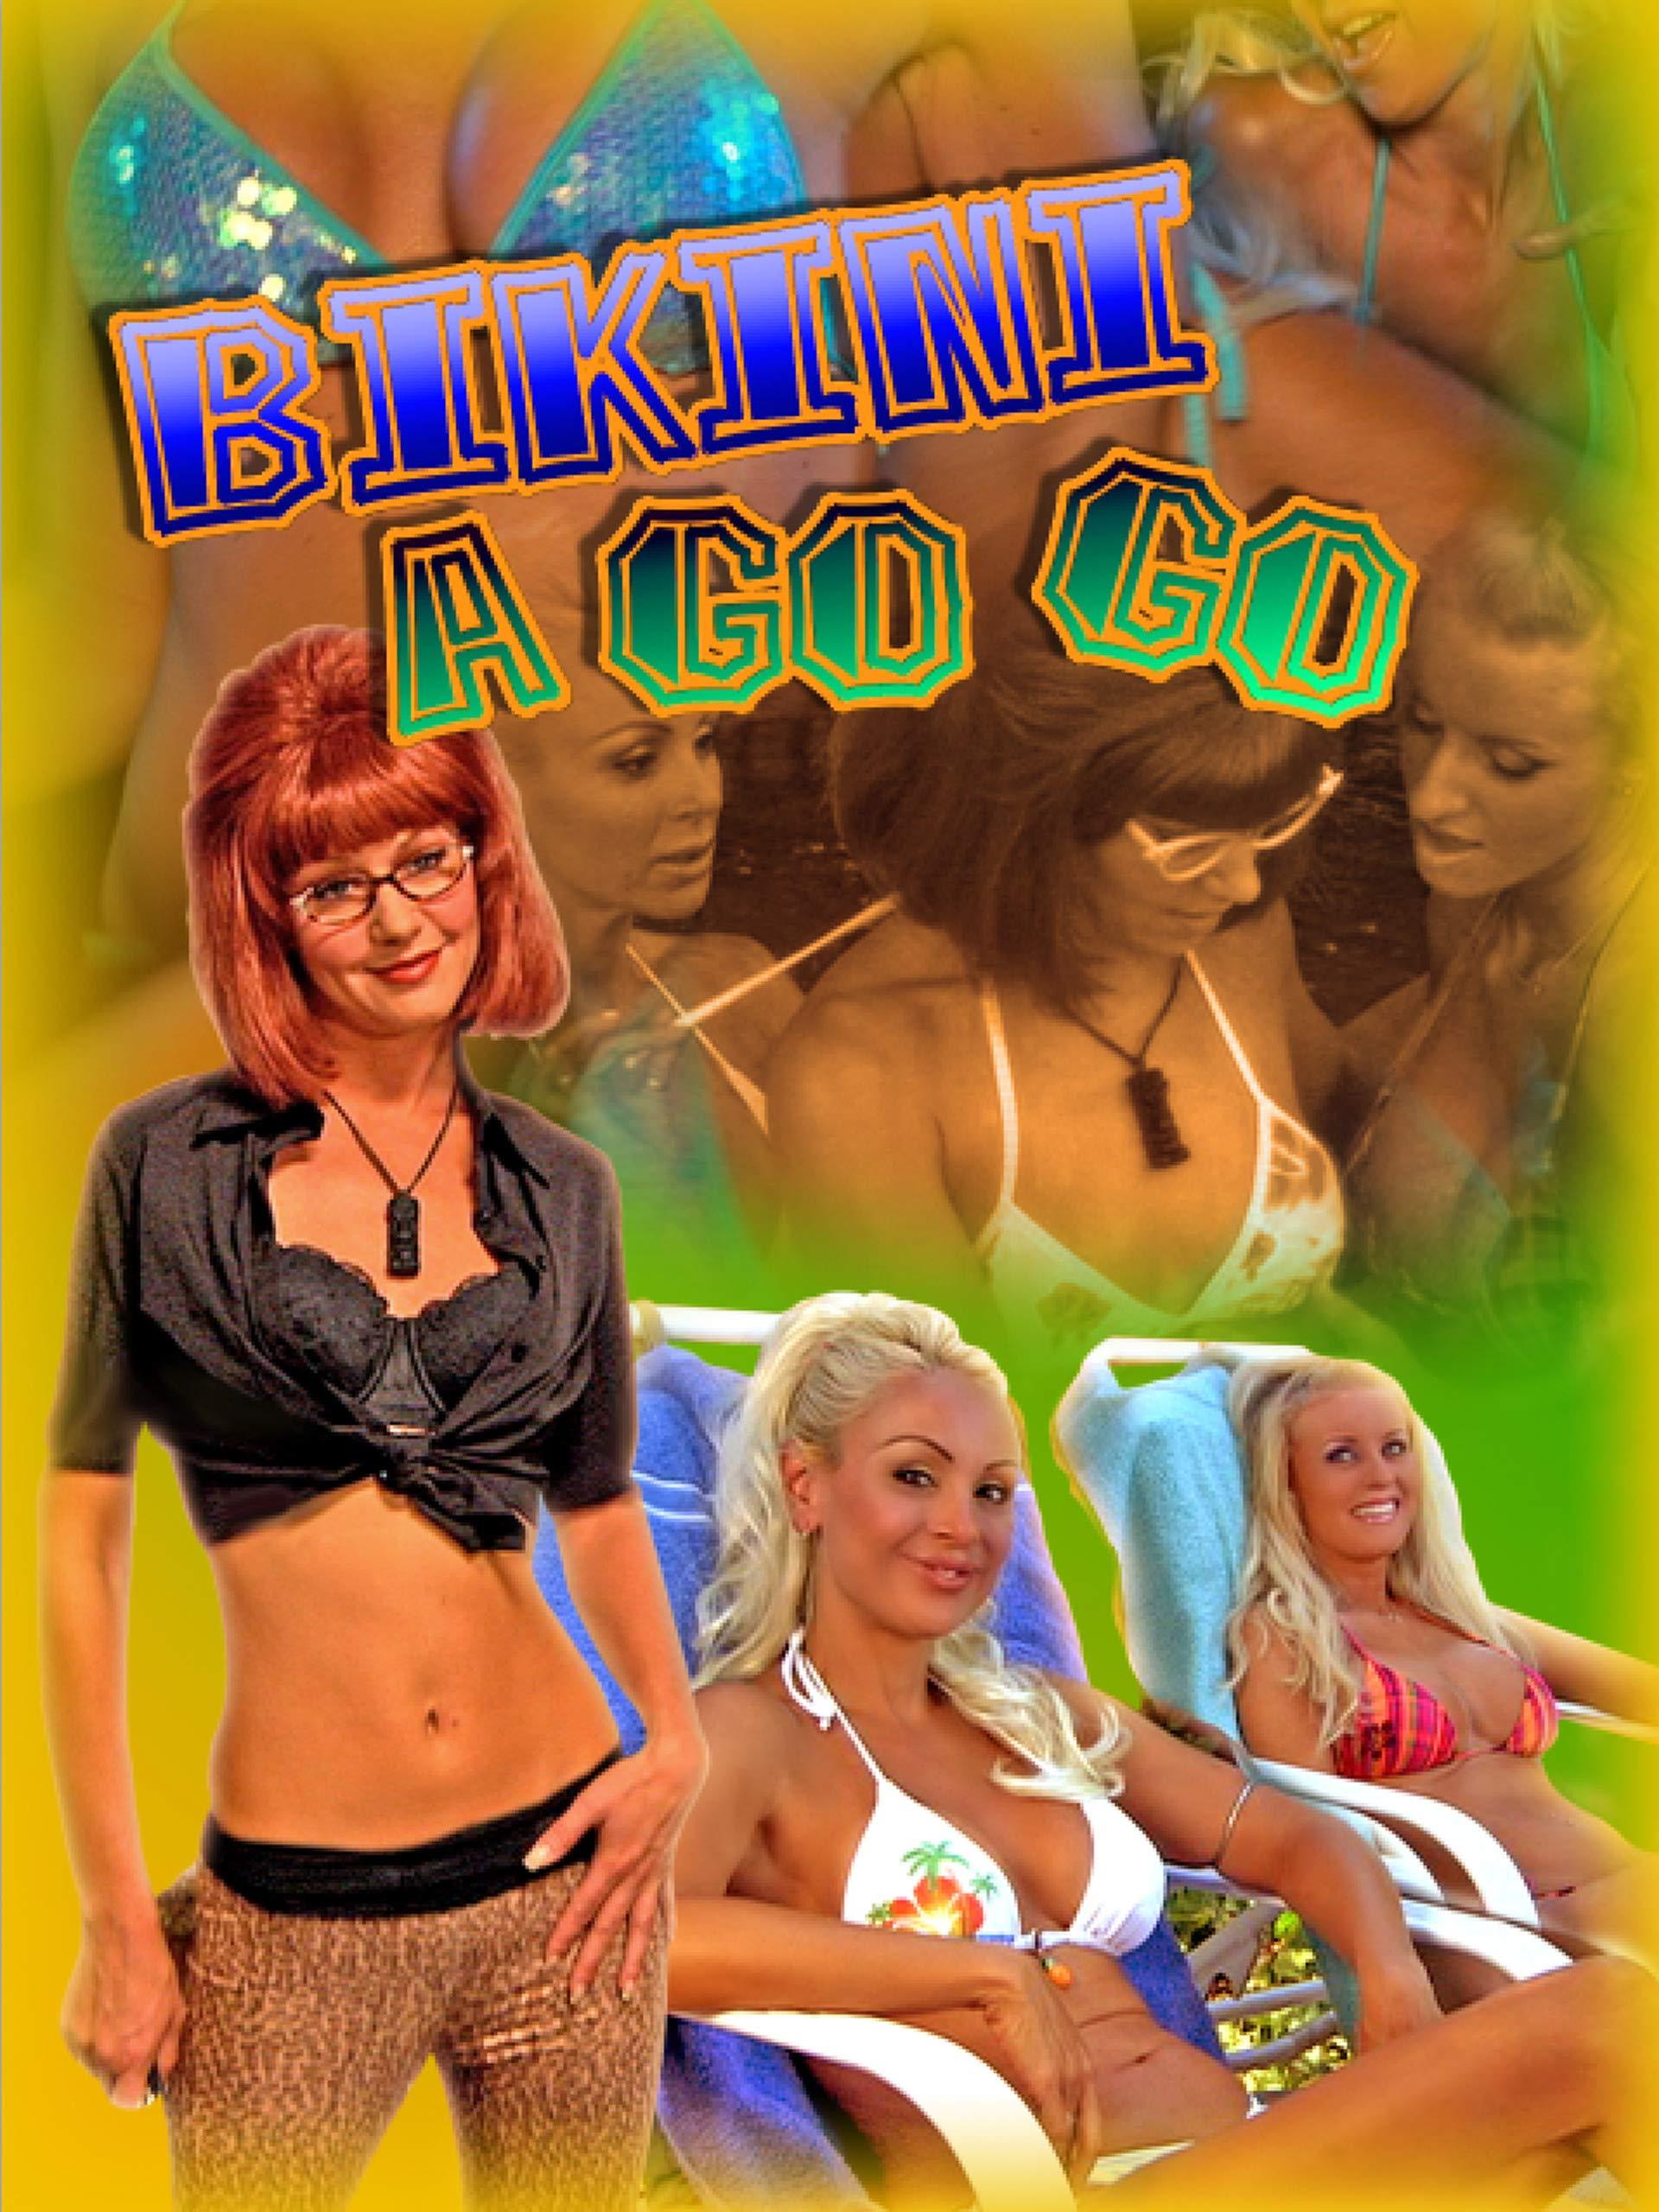 Bikini A Go Go Movie